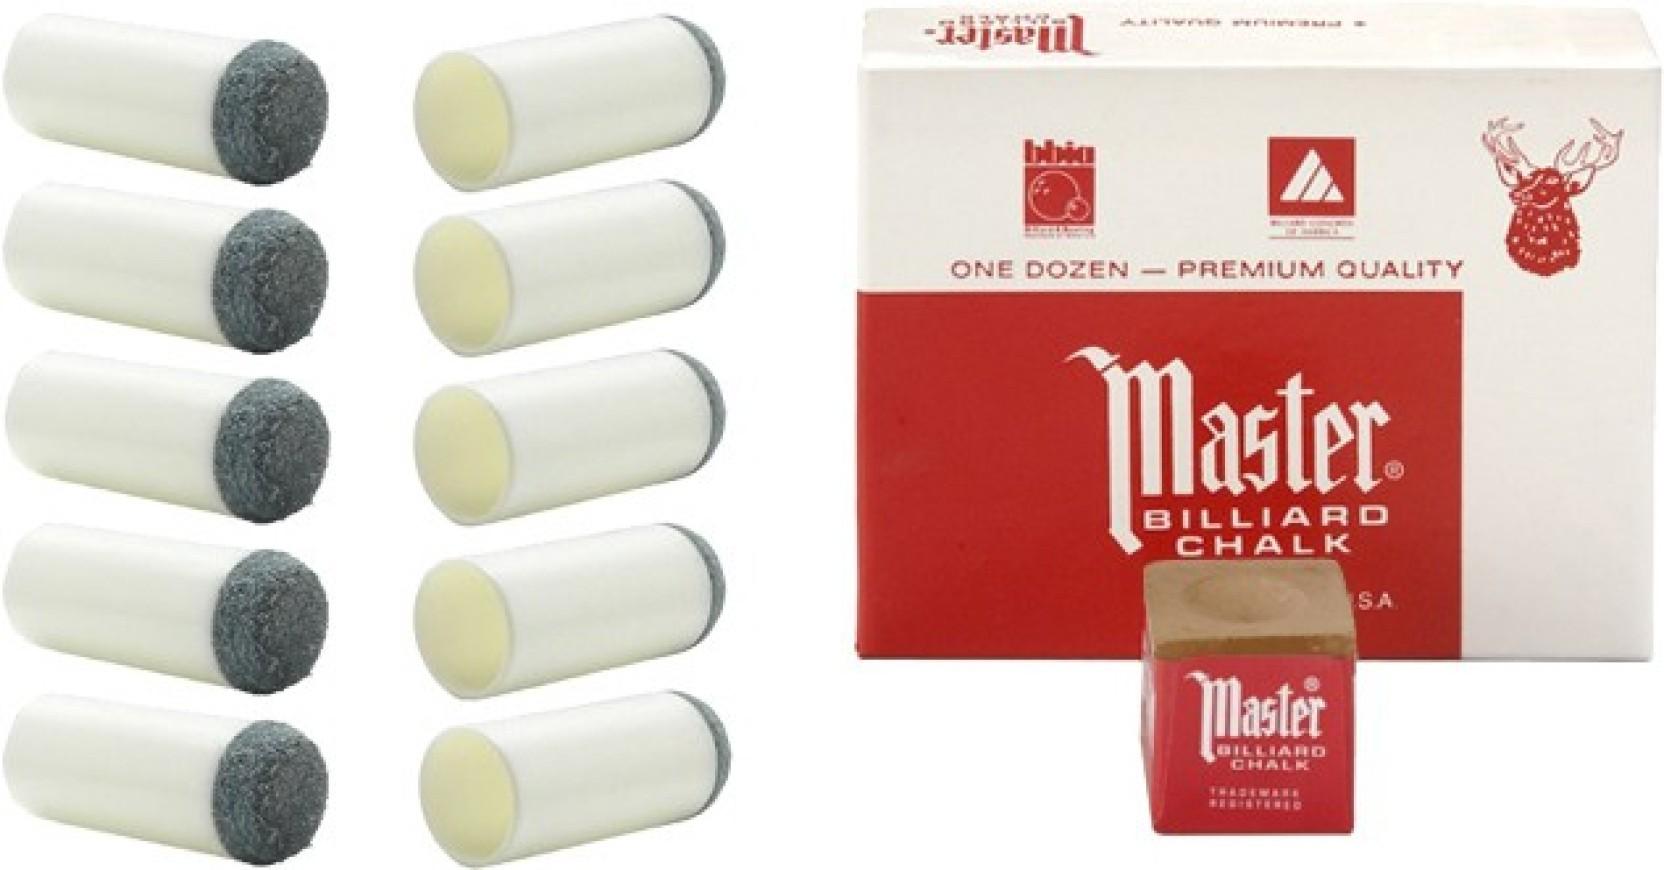 Master Chalk Billiard Pool Cue Chalk Brown 12 pieces NEW One Dozen